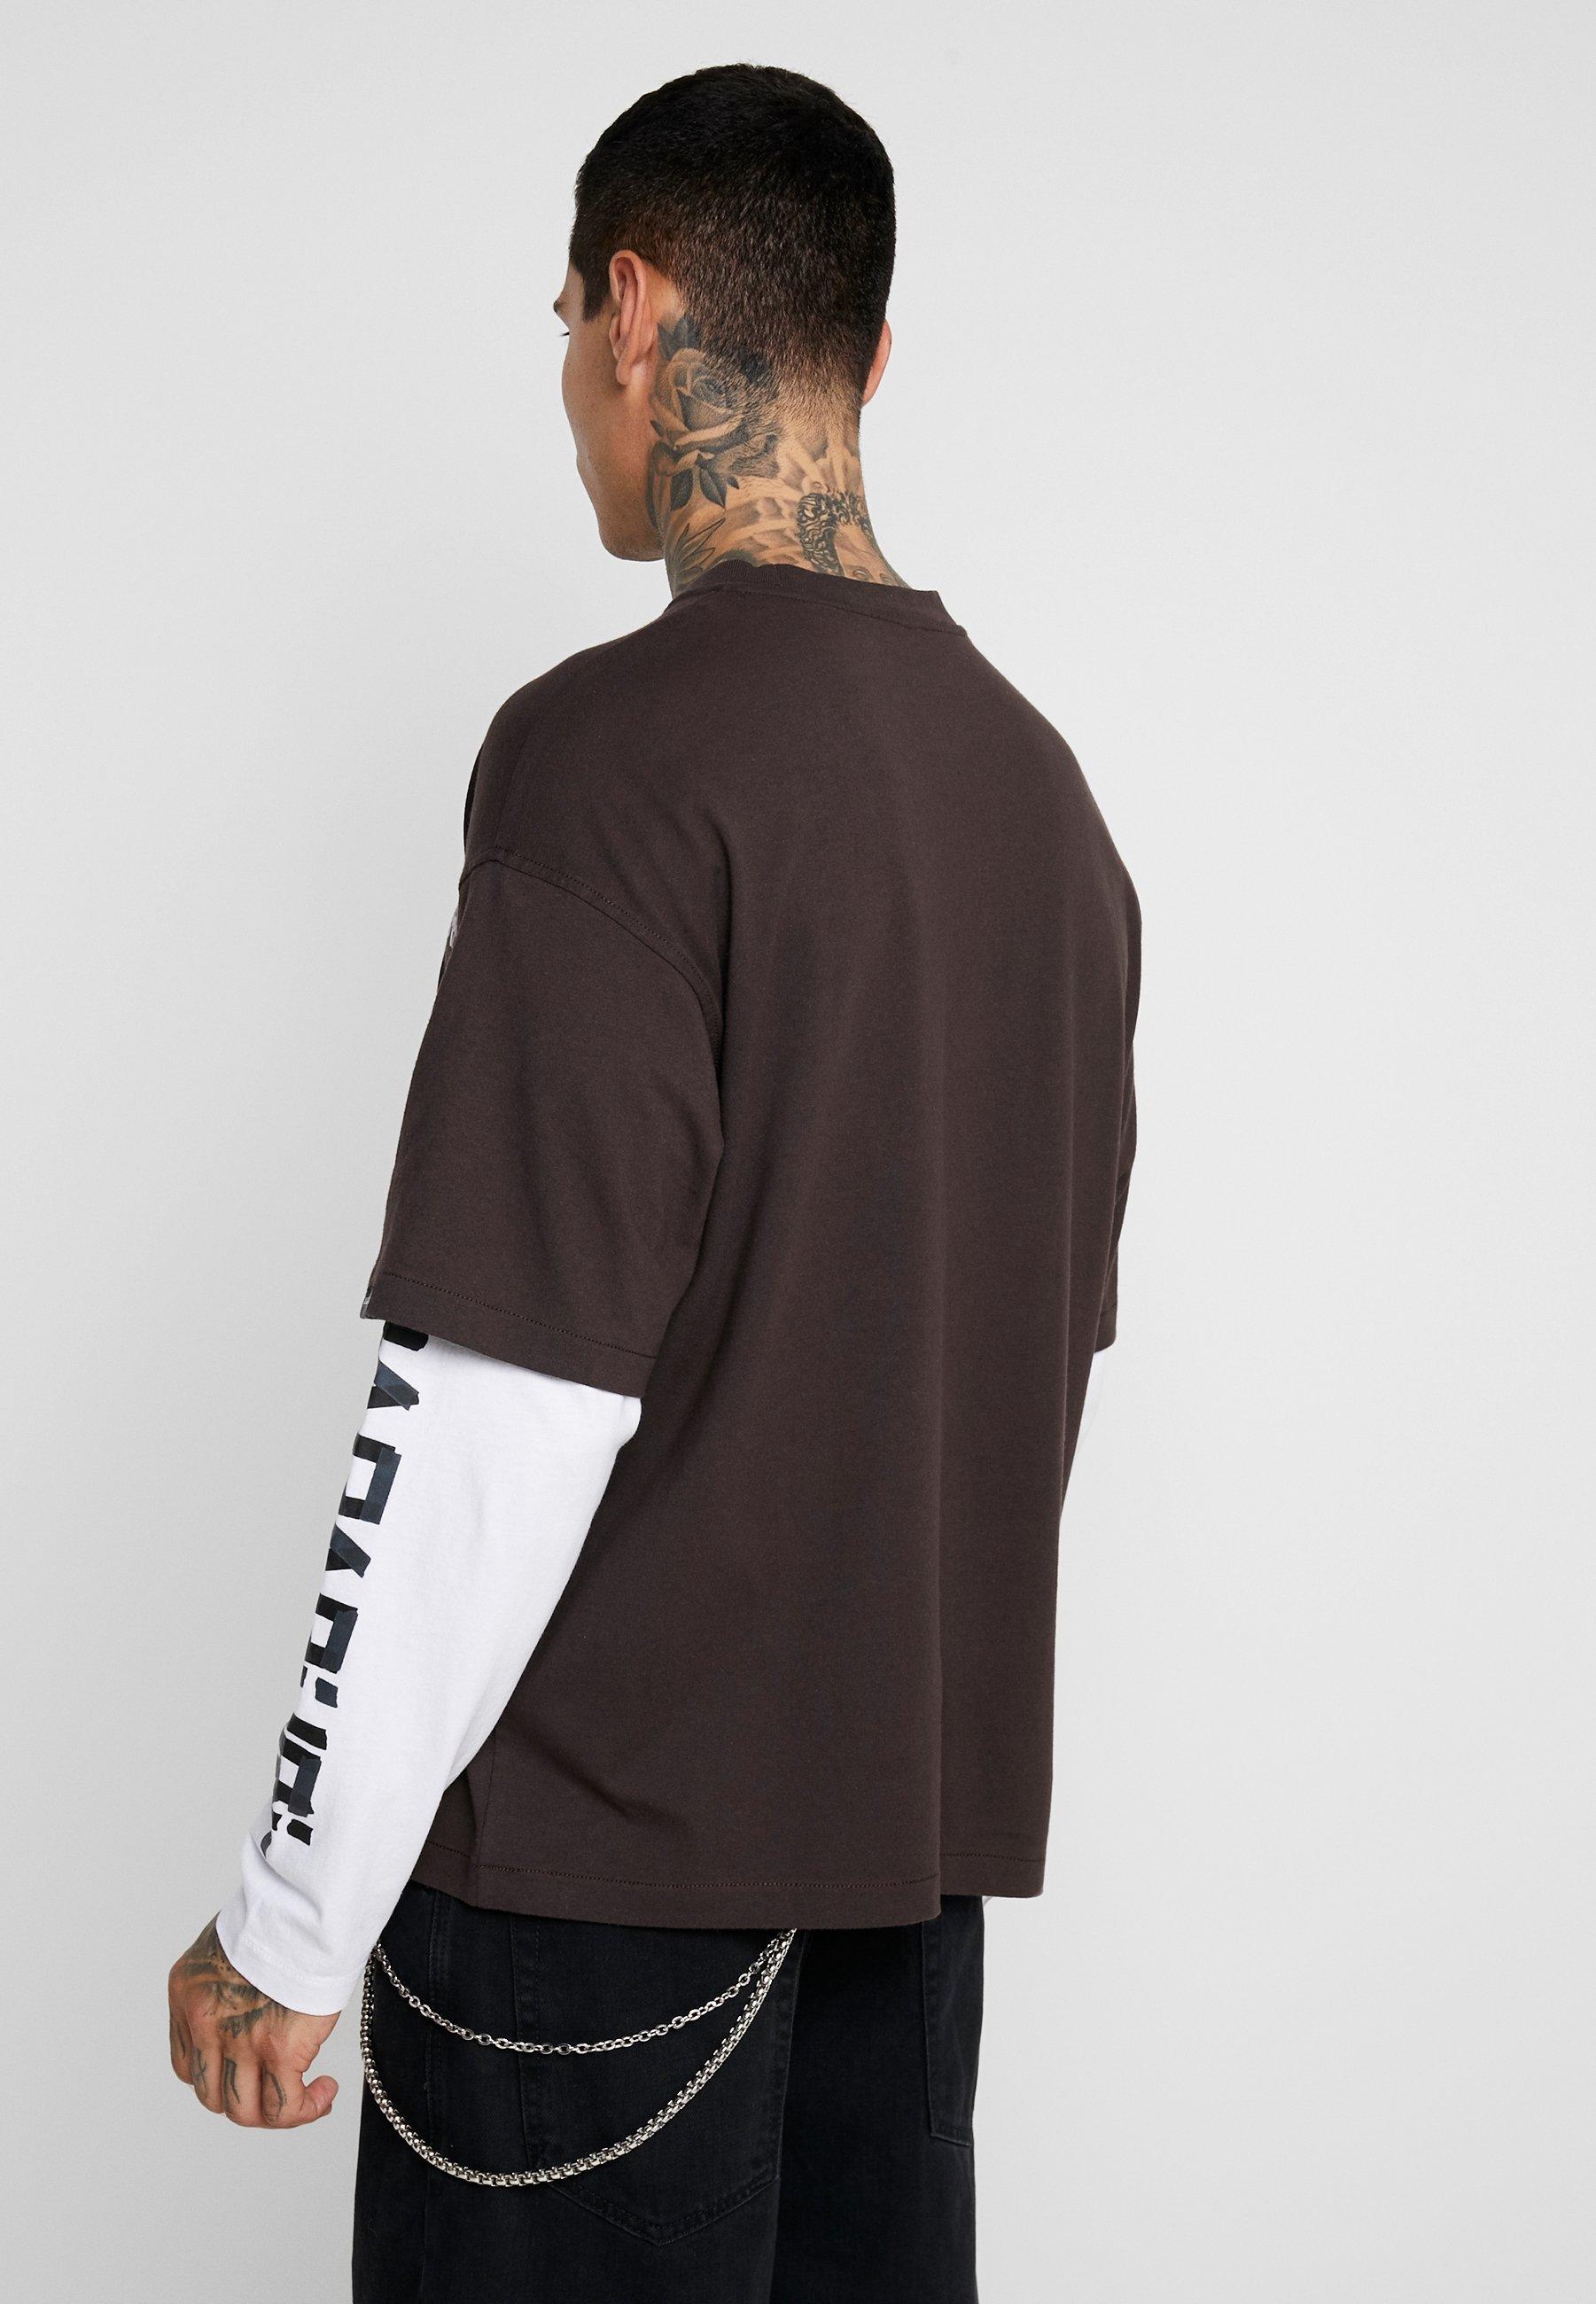 Manches Longues Brown The shirt Choco À SoltT Napapijri Tribe u5FK13TJcl